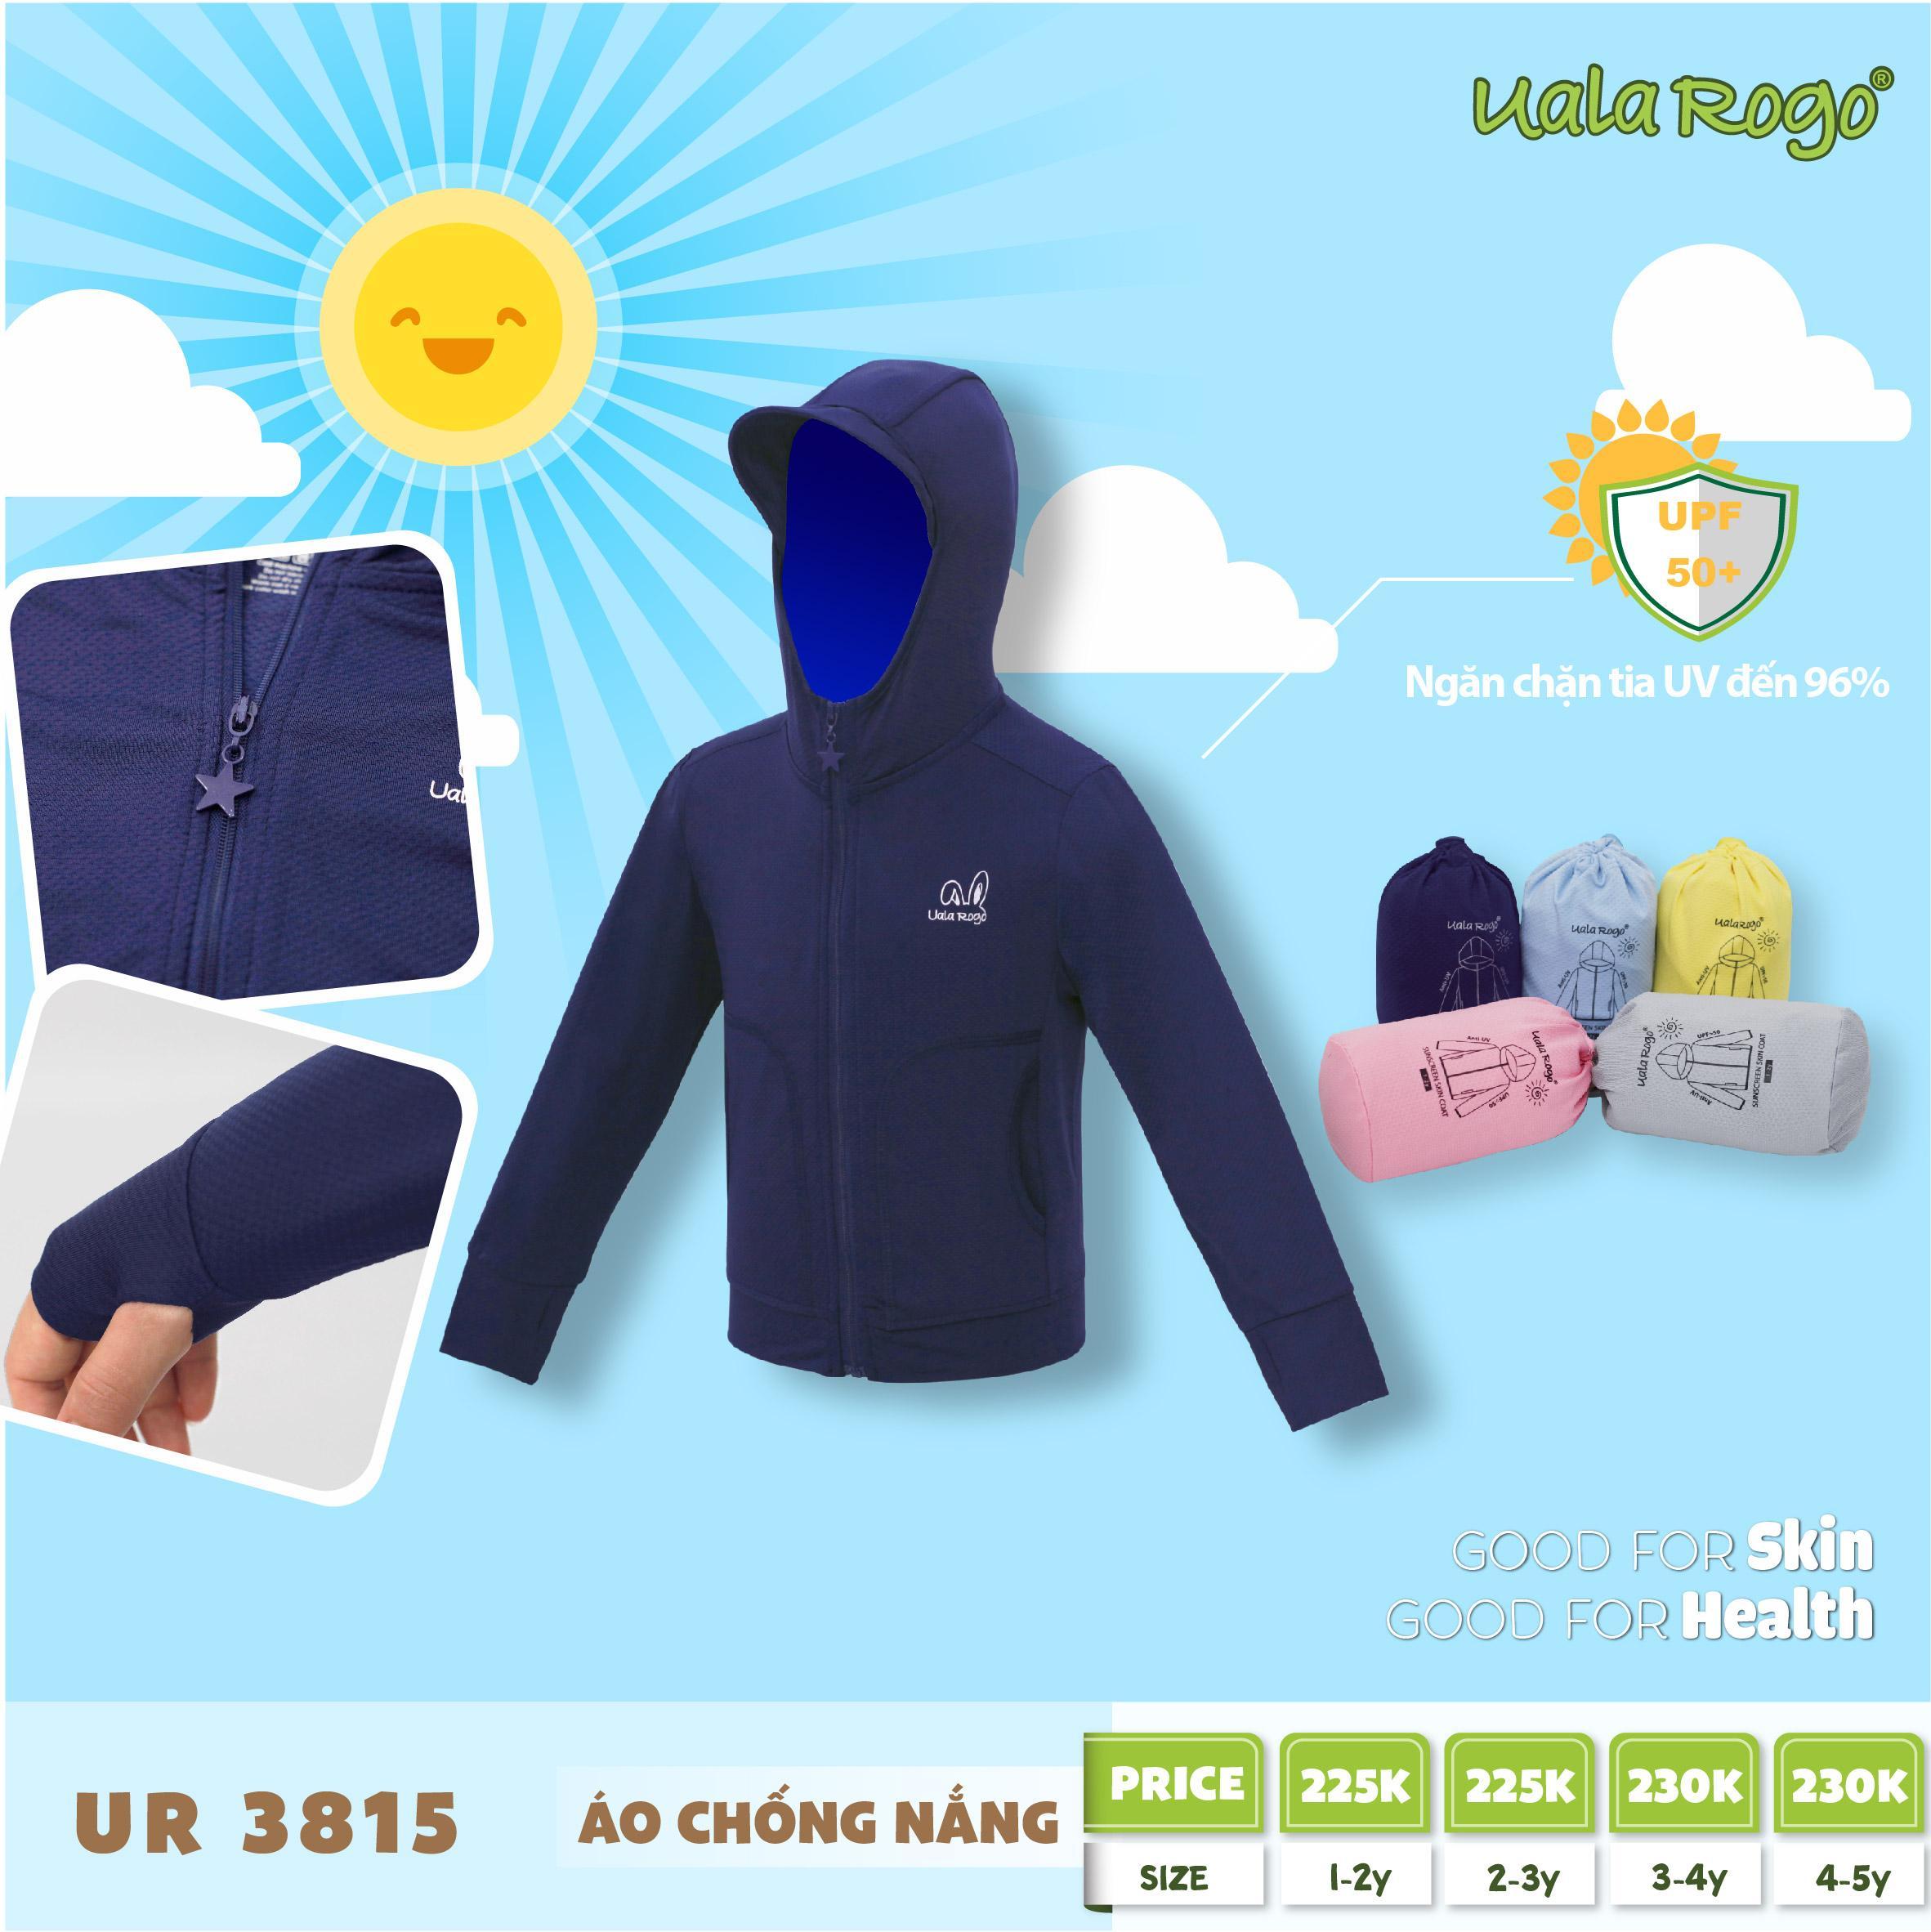 UR3815.1- Áo khoác chống nắng cho bé Uala Rogo